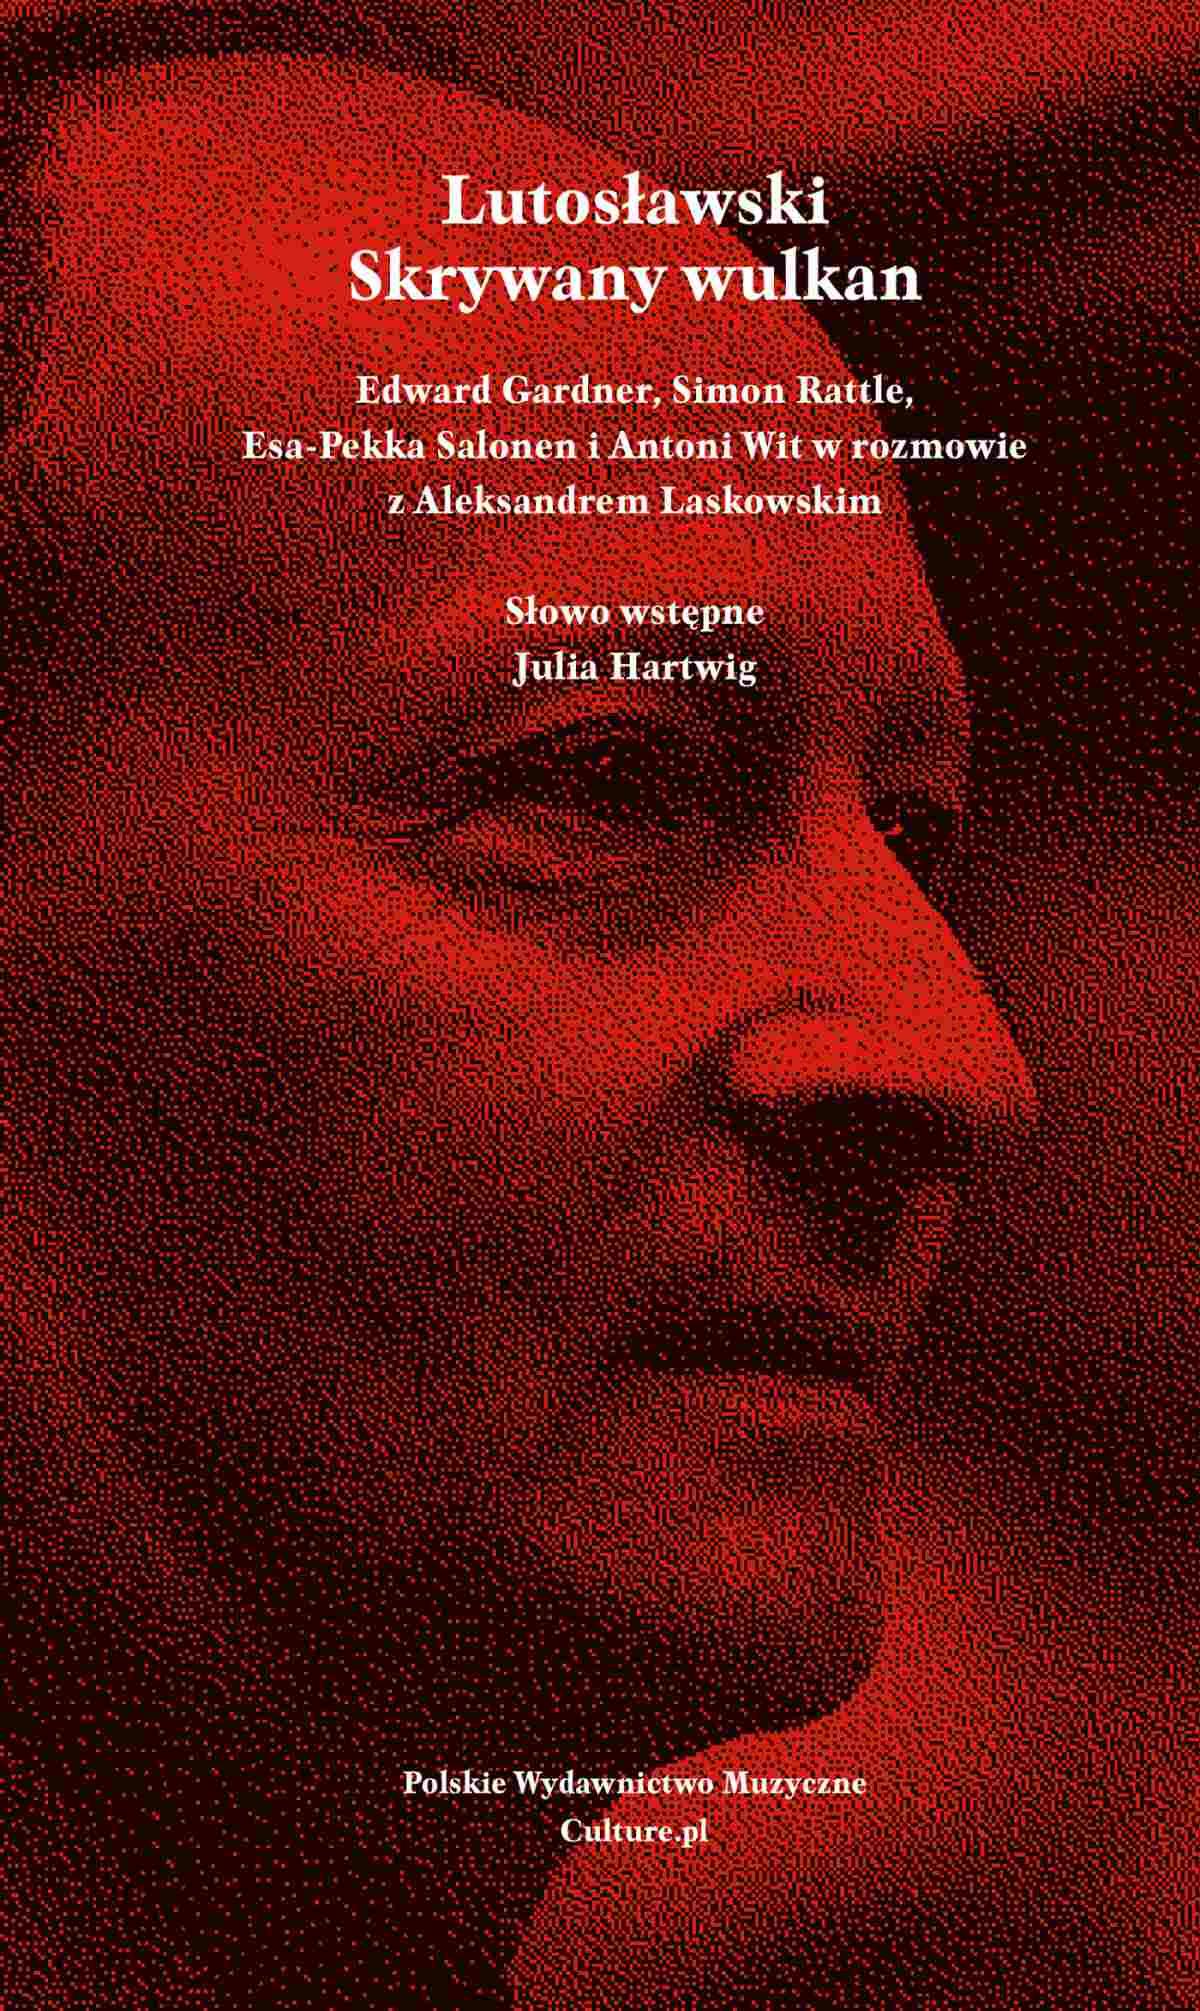 Lutosławski. Skrywany wulkan - Ebook (Książka na Kindle) do pobrania w formacie MOBI